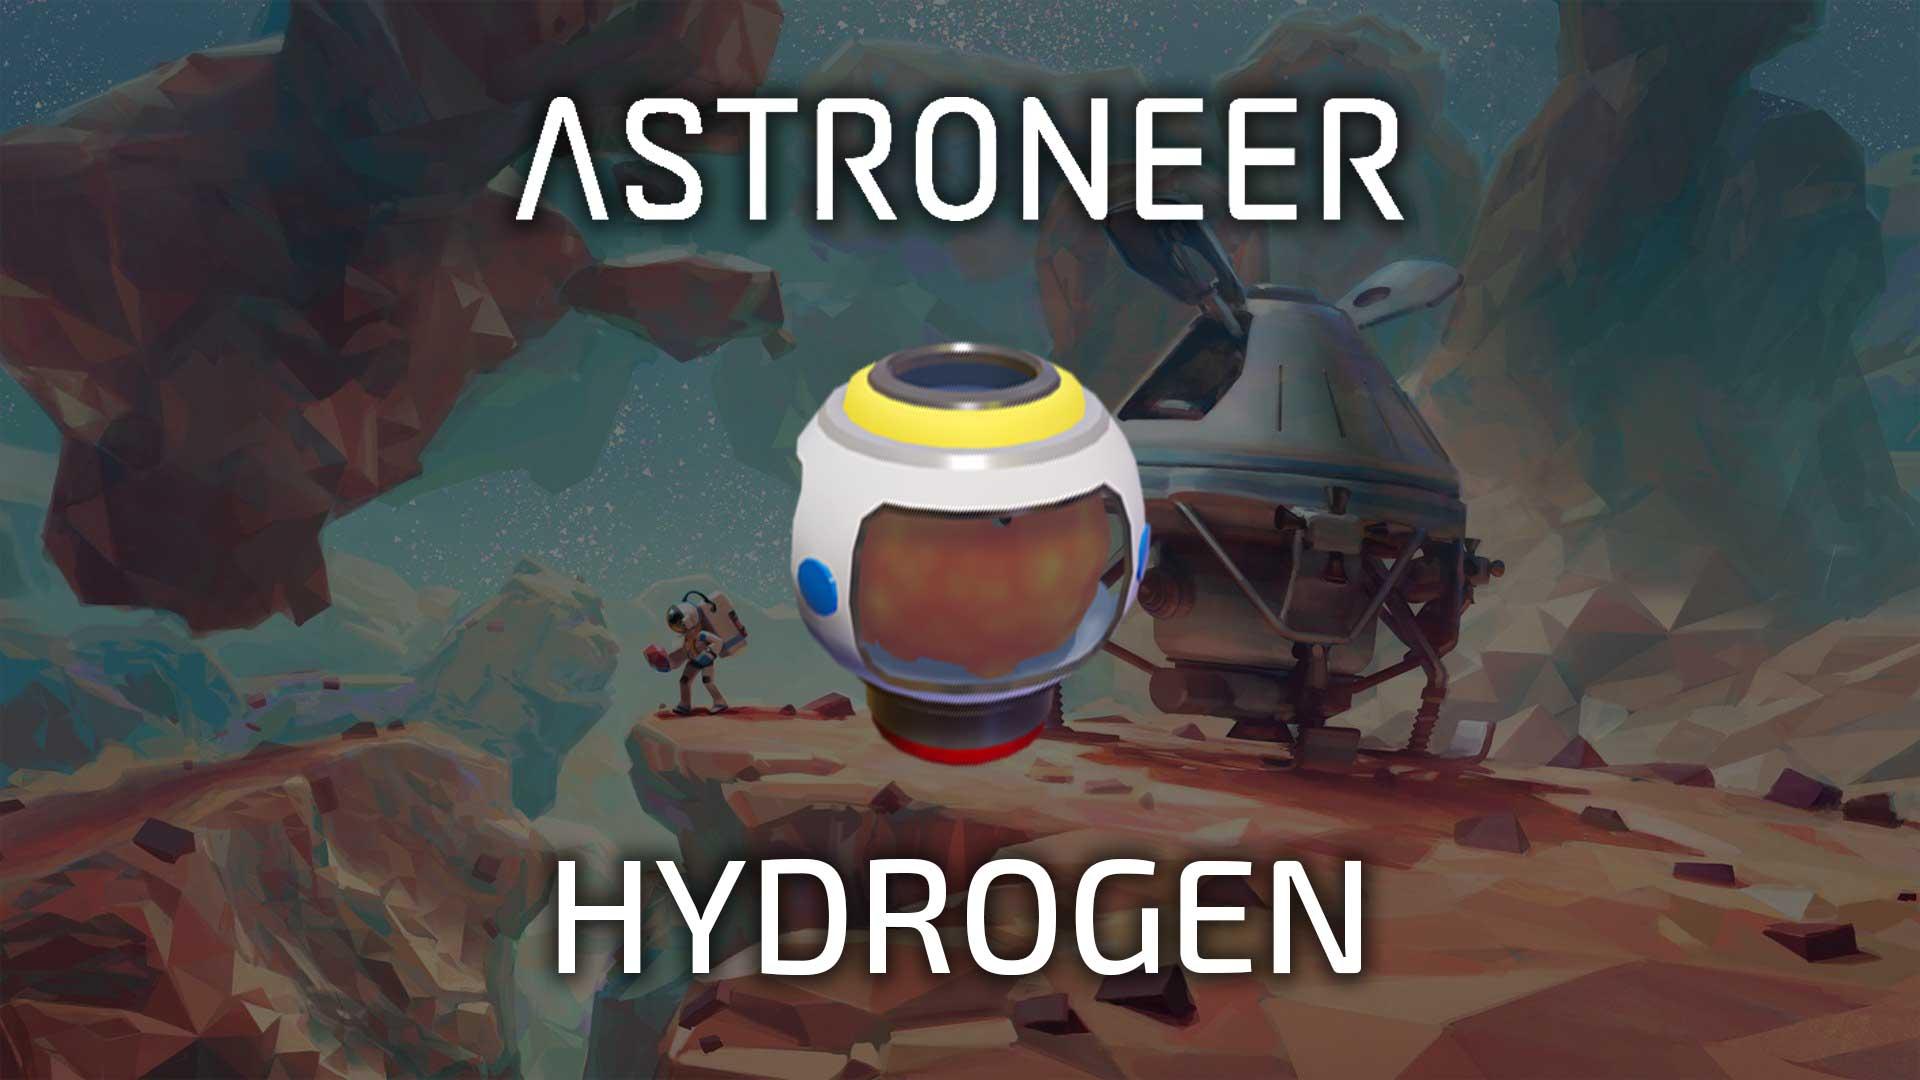 astroneer hydrogen